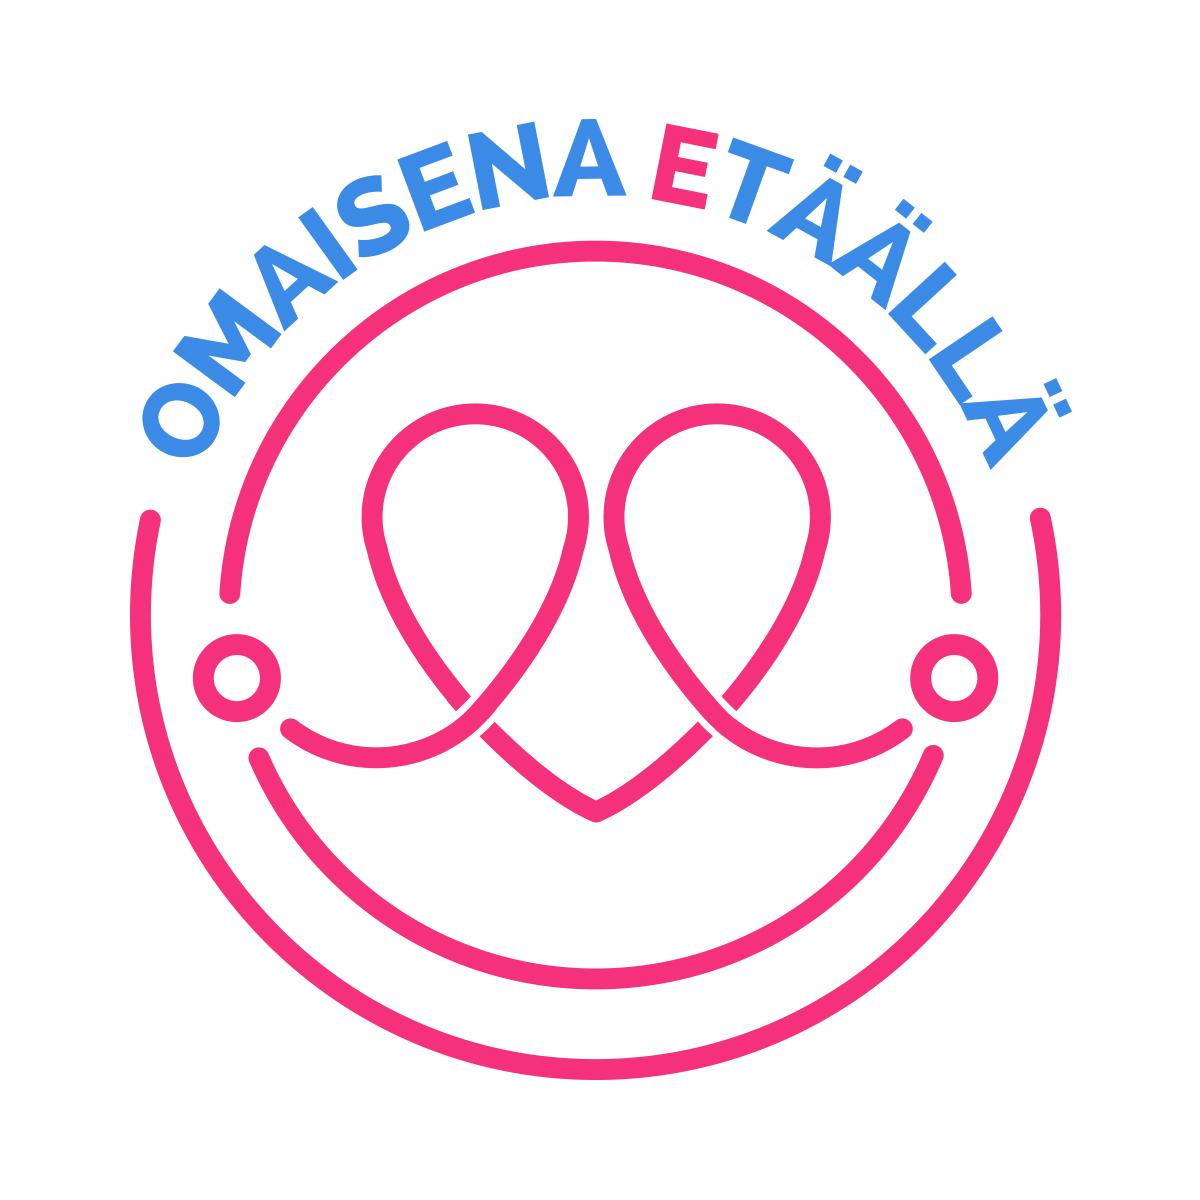 Omaisena etäällä -logo